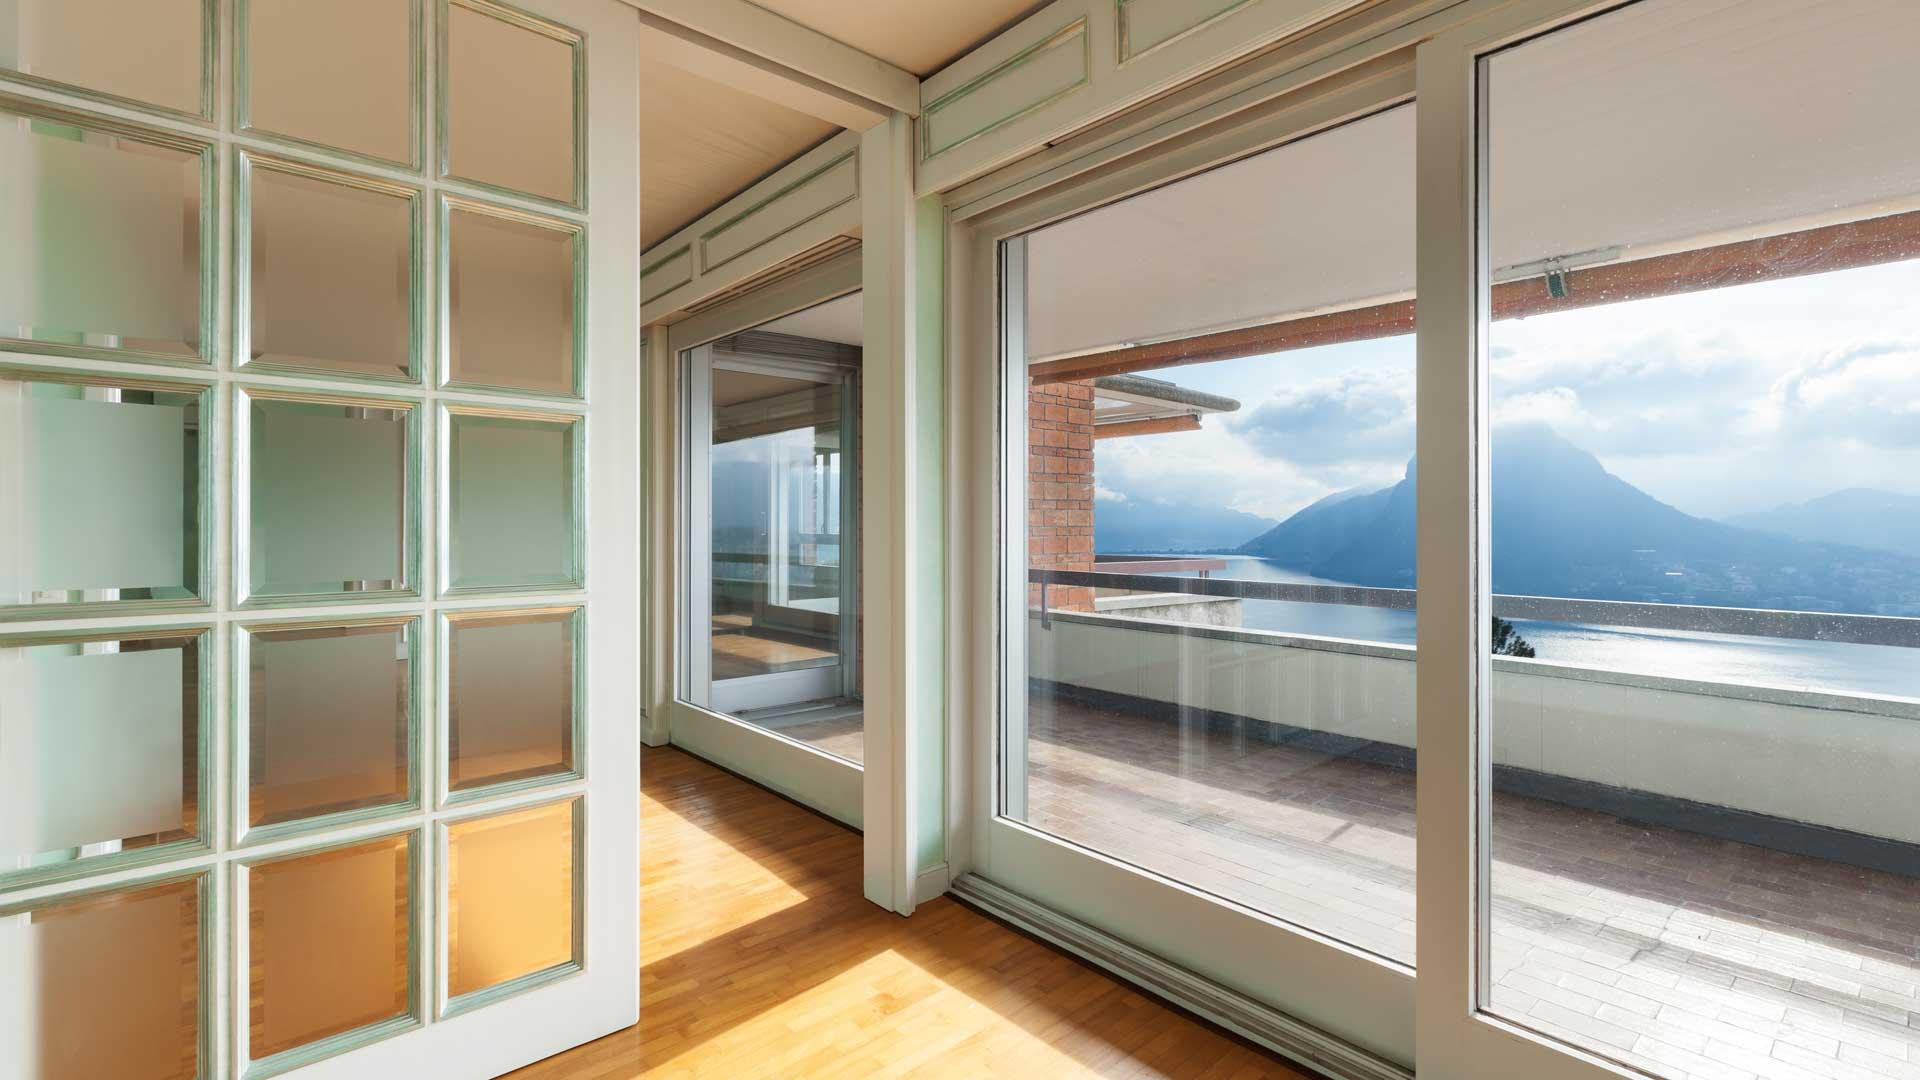 Af serramenti af serramenti s n c di fornello for Infissi finestre